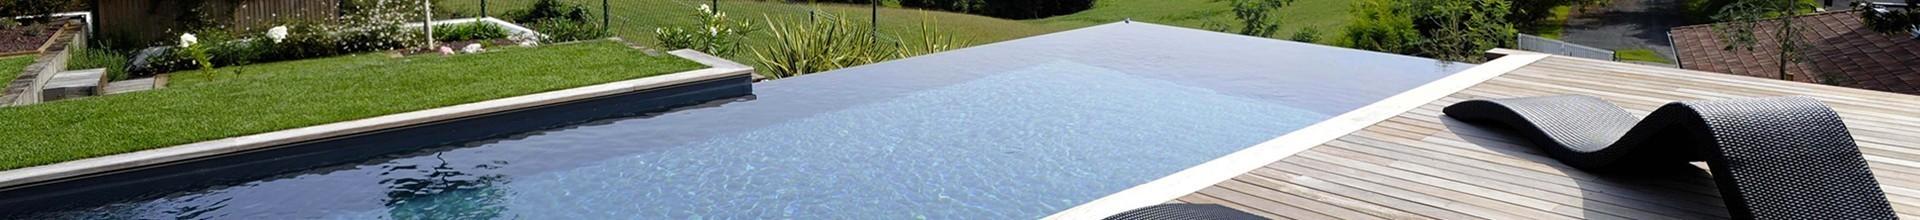 Bourgogne Yonne Constructeur d'une piscine révolutionnaire, innovante